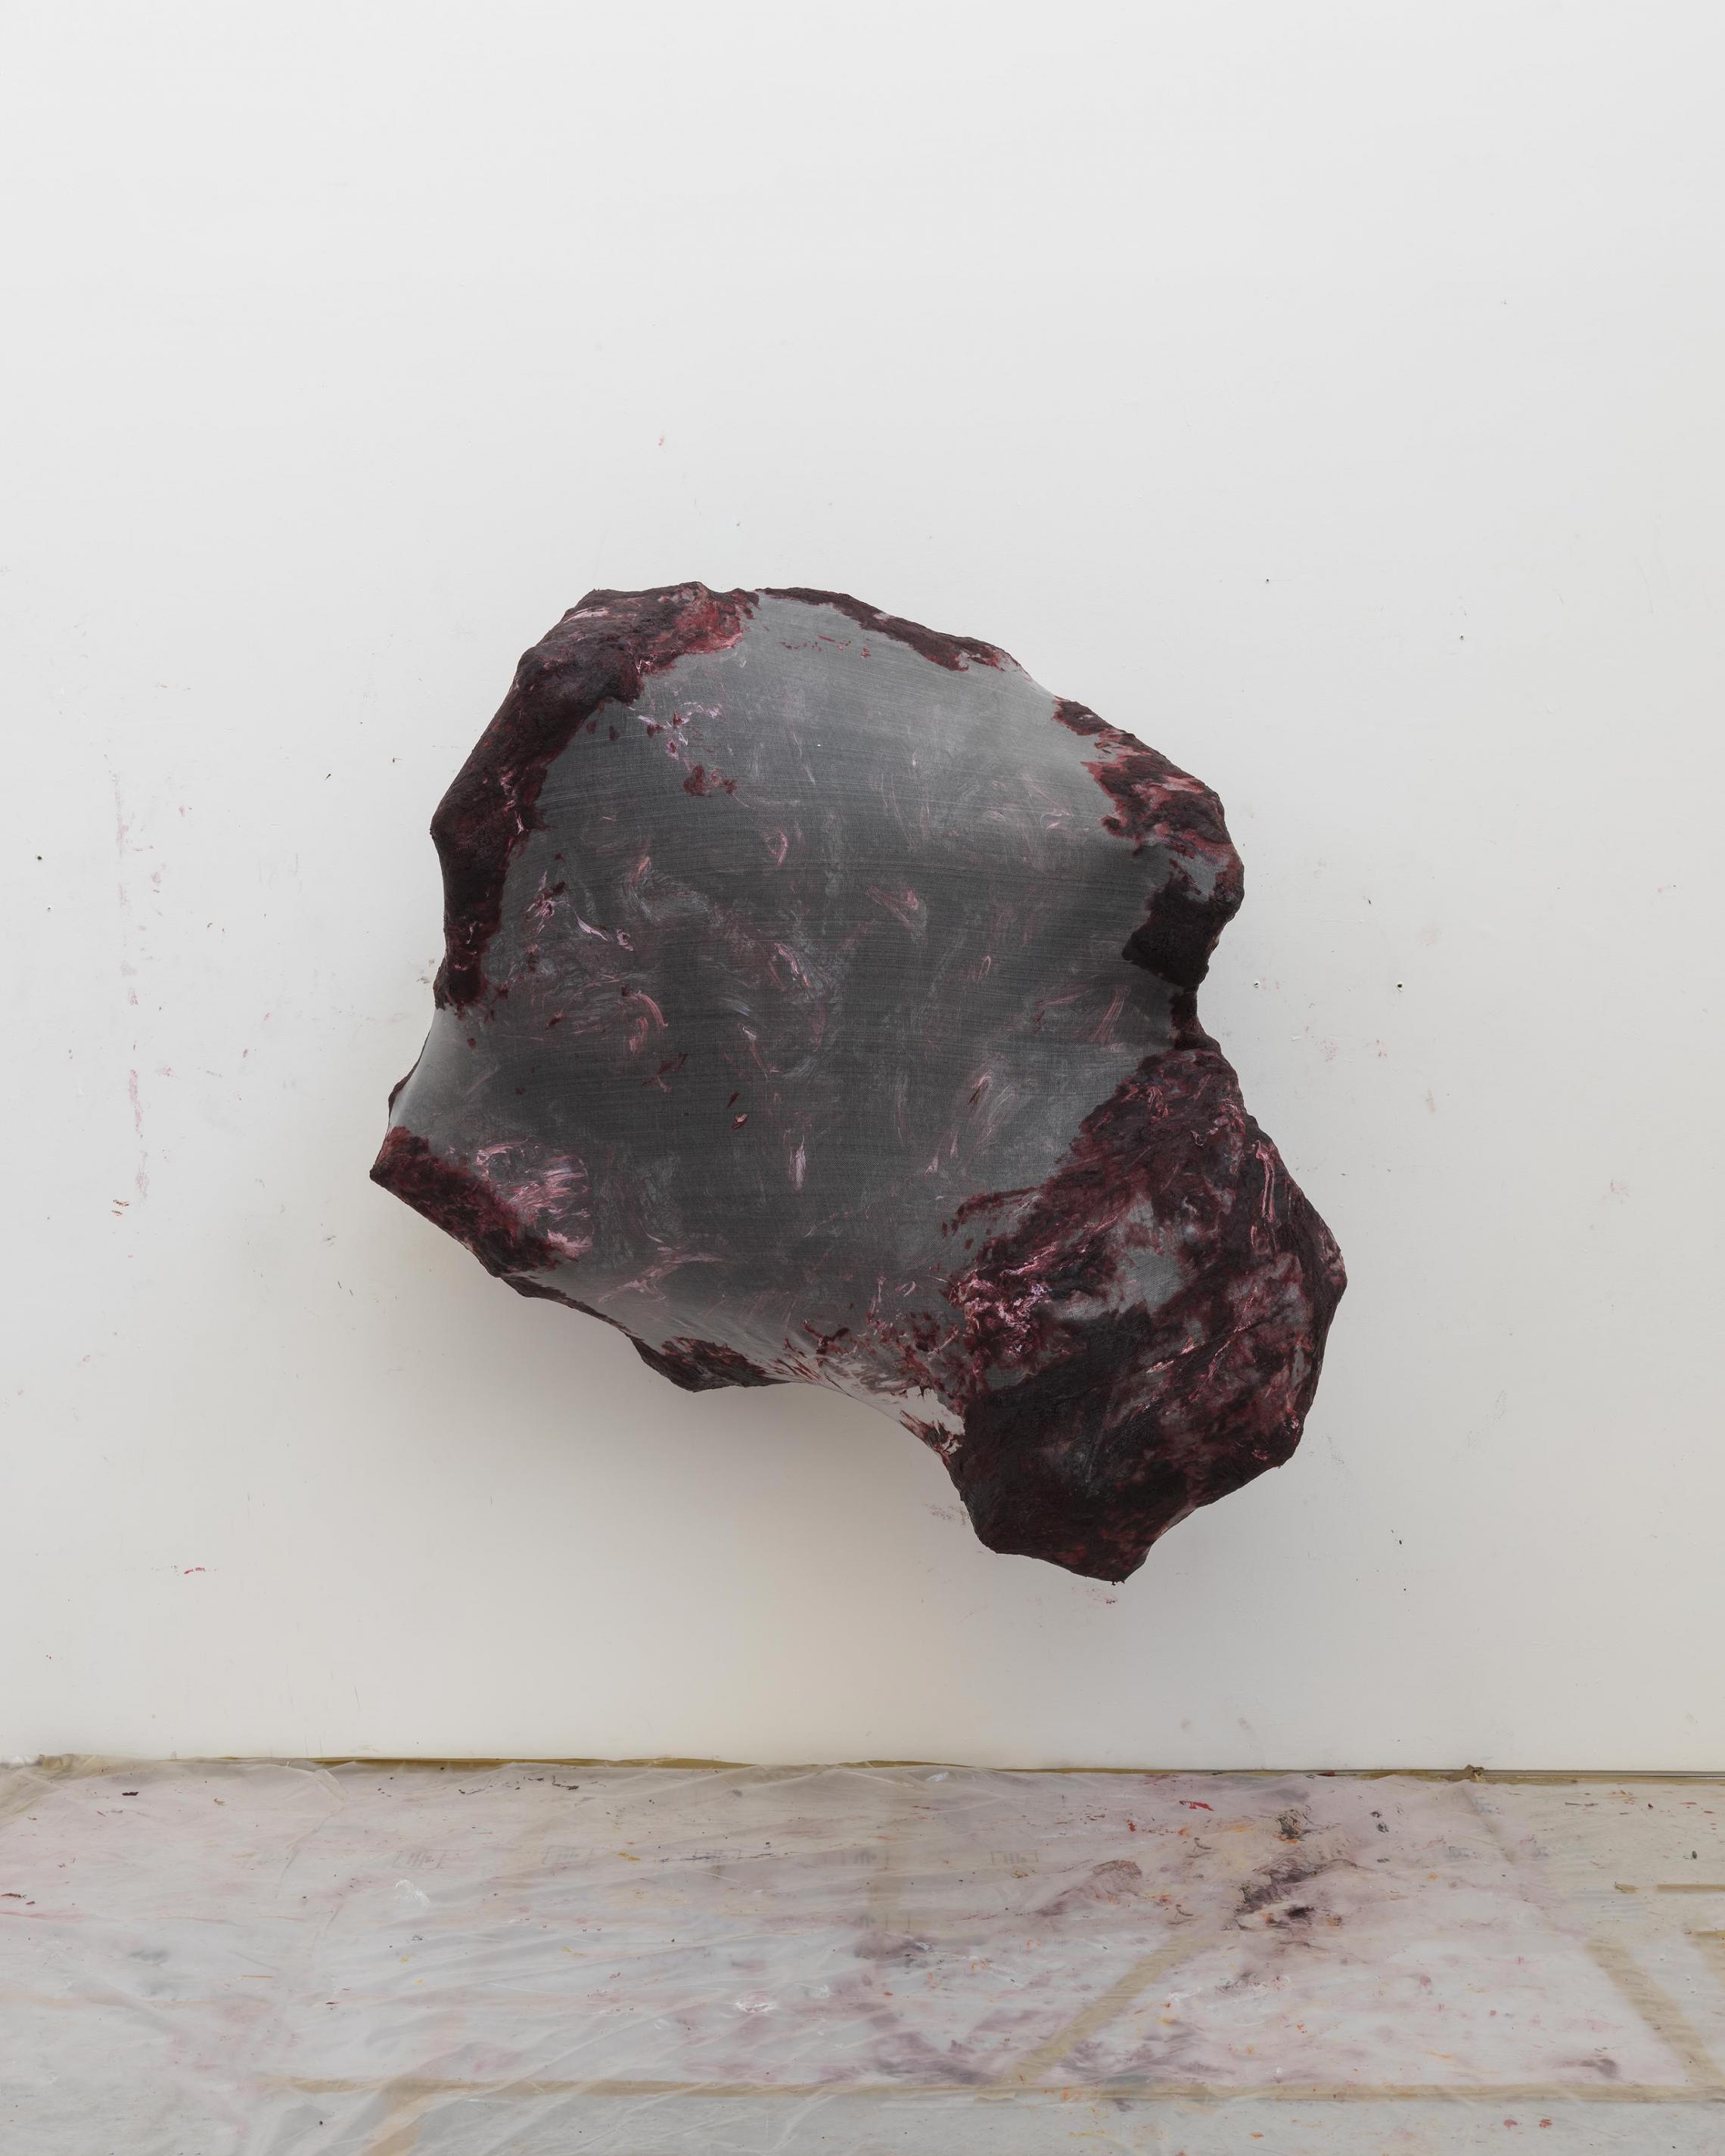 Anish KapoorUntitled 2016 Silicone, fiberglass and gauze169 × 162 × 117 cm